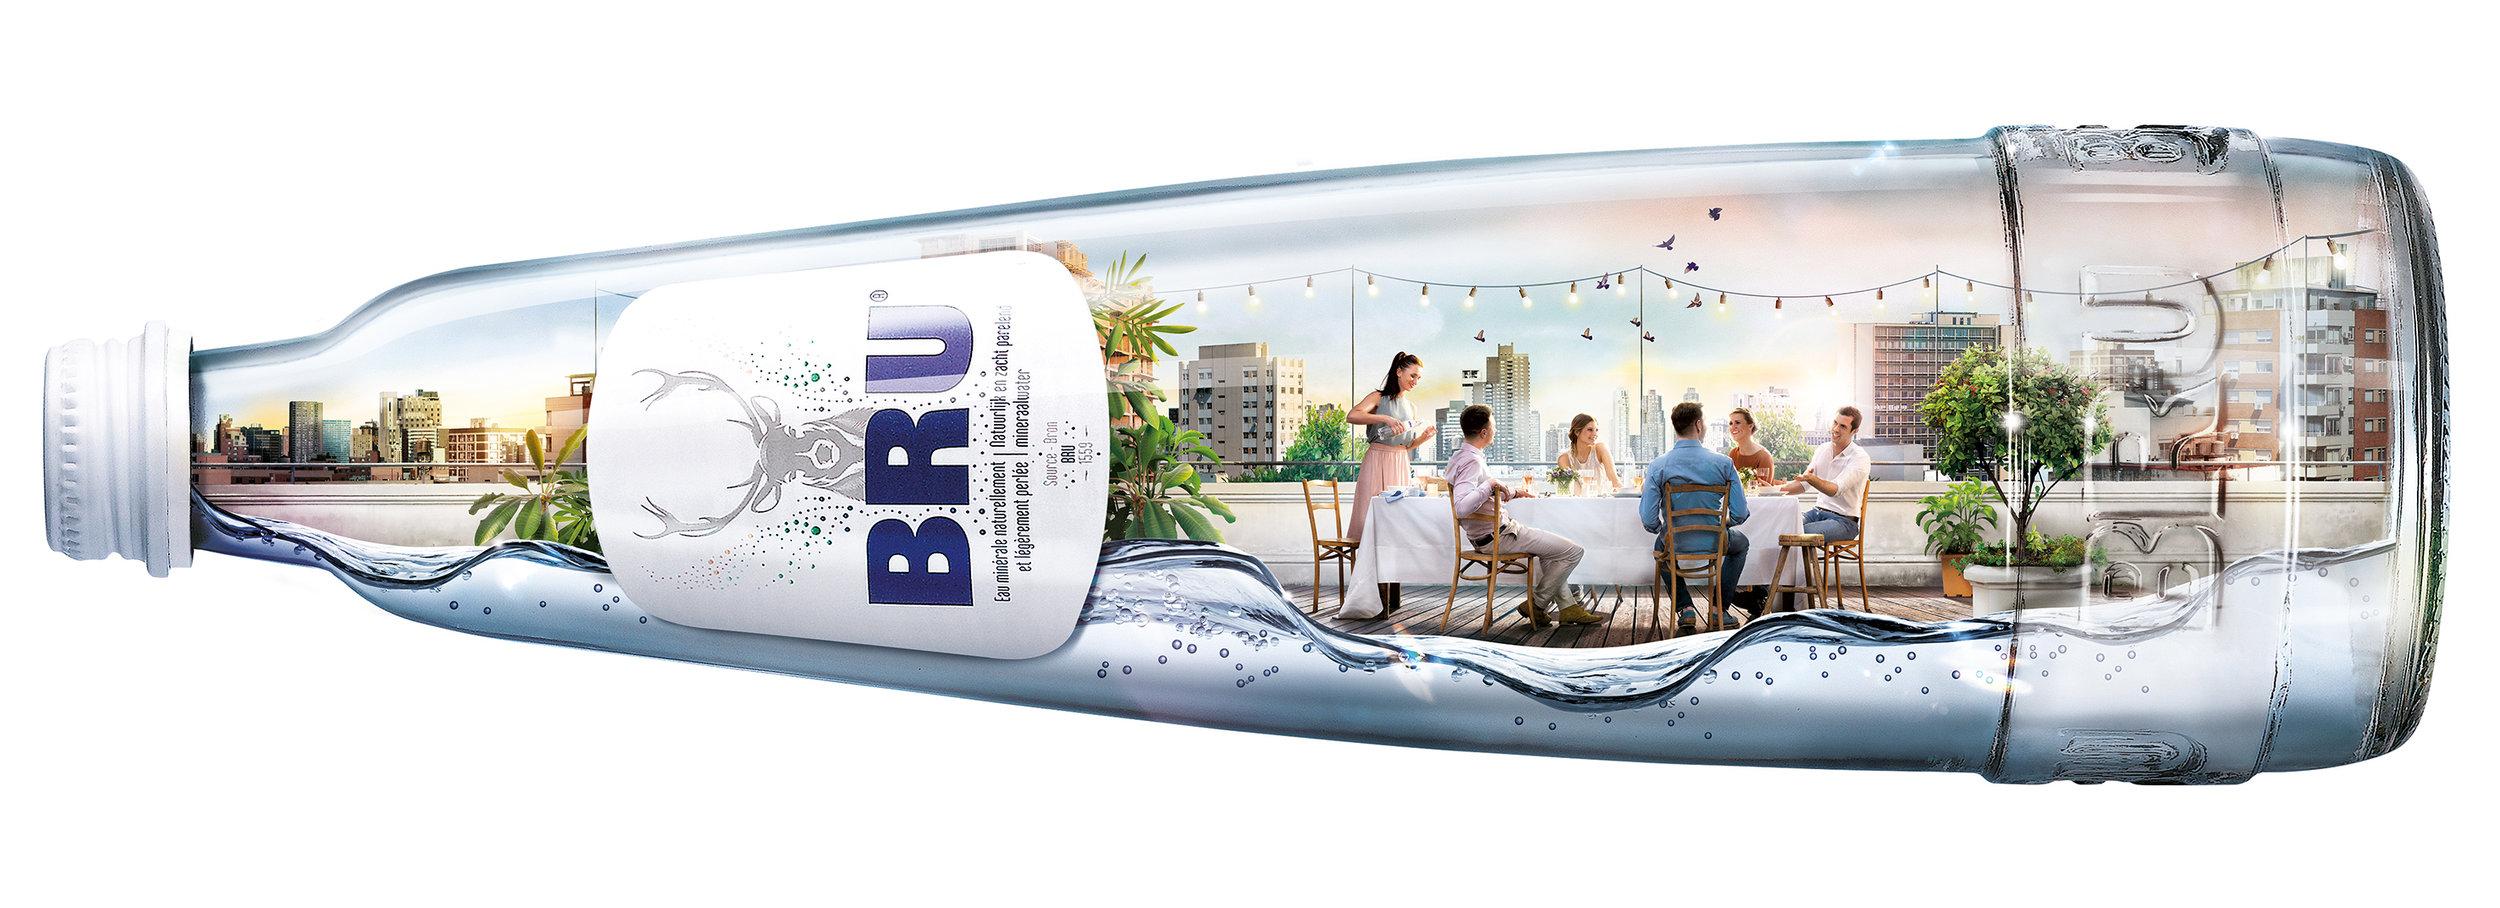 Bru bottle,